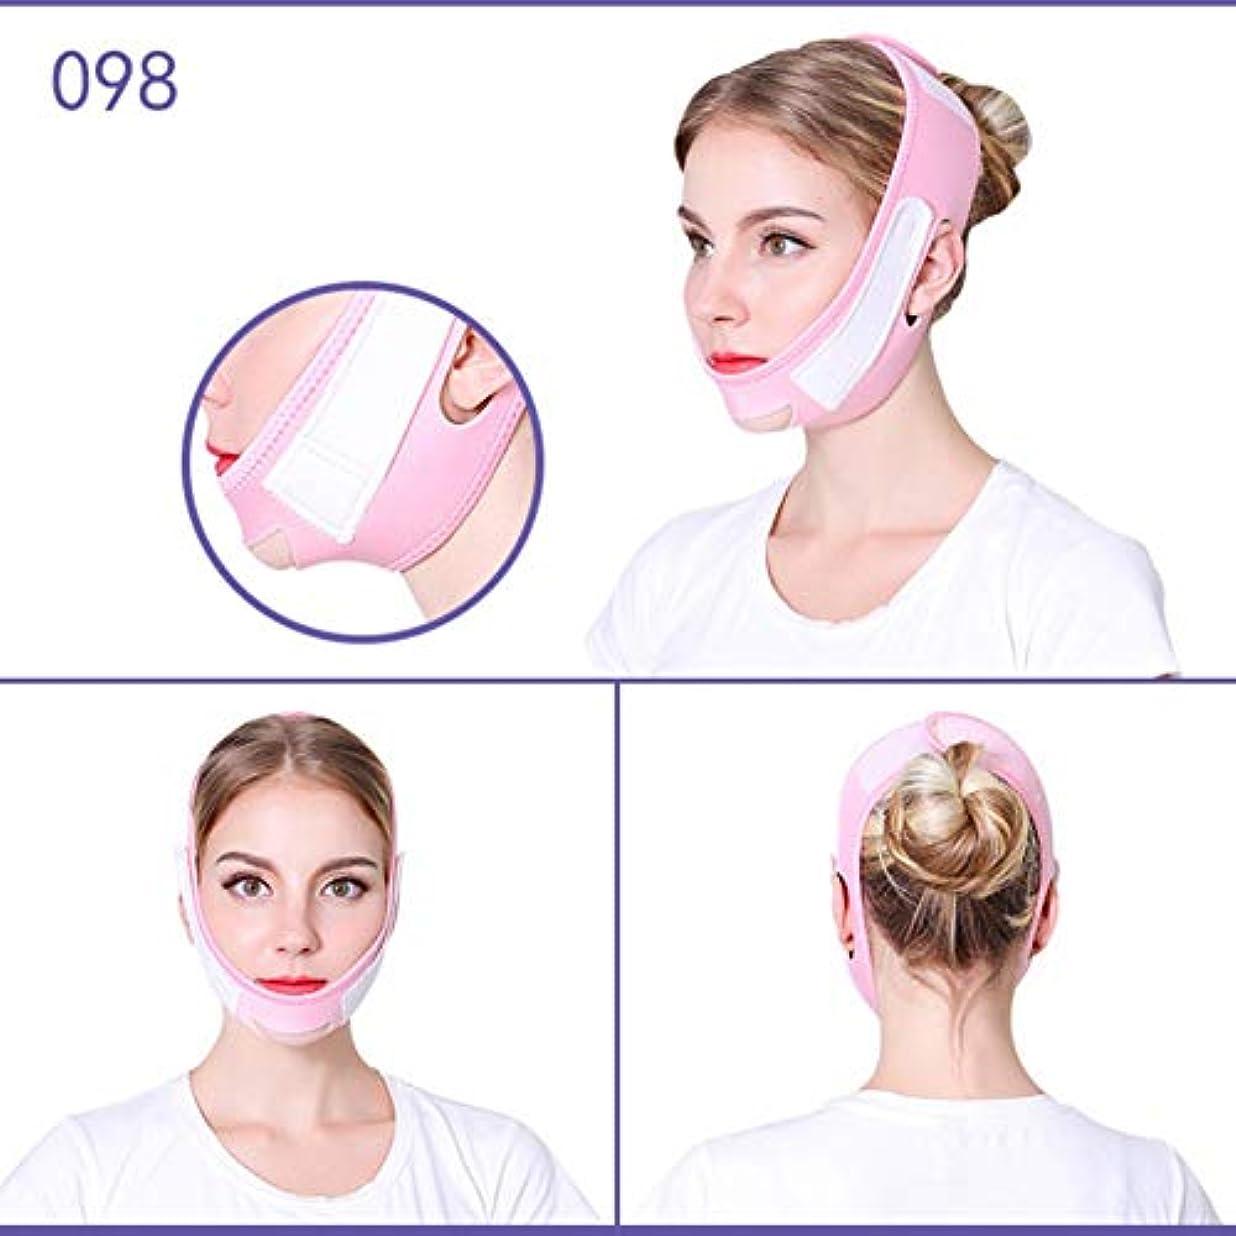 カナダ政府規模Balai フェイススリムVラインリフトアップマスク頬チンネックスリミング薄いストラップアンチリンクルフェイシャルシンフェイスマスクスリミング